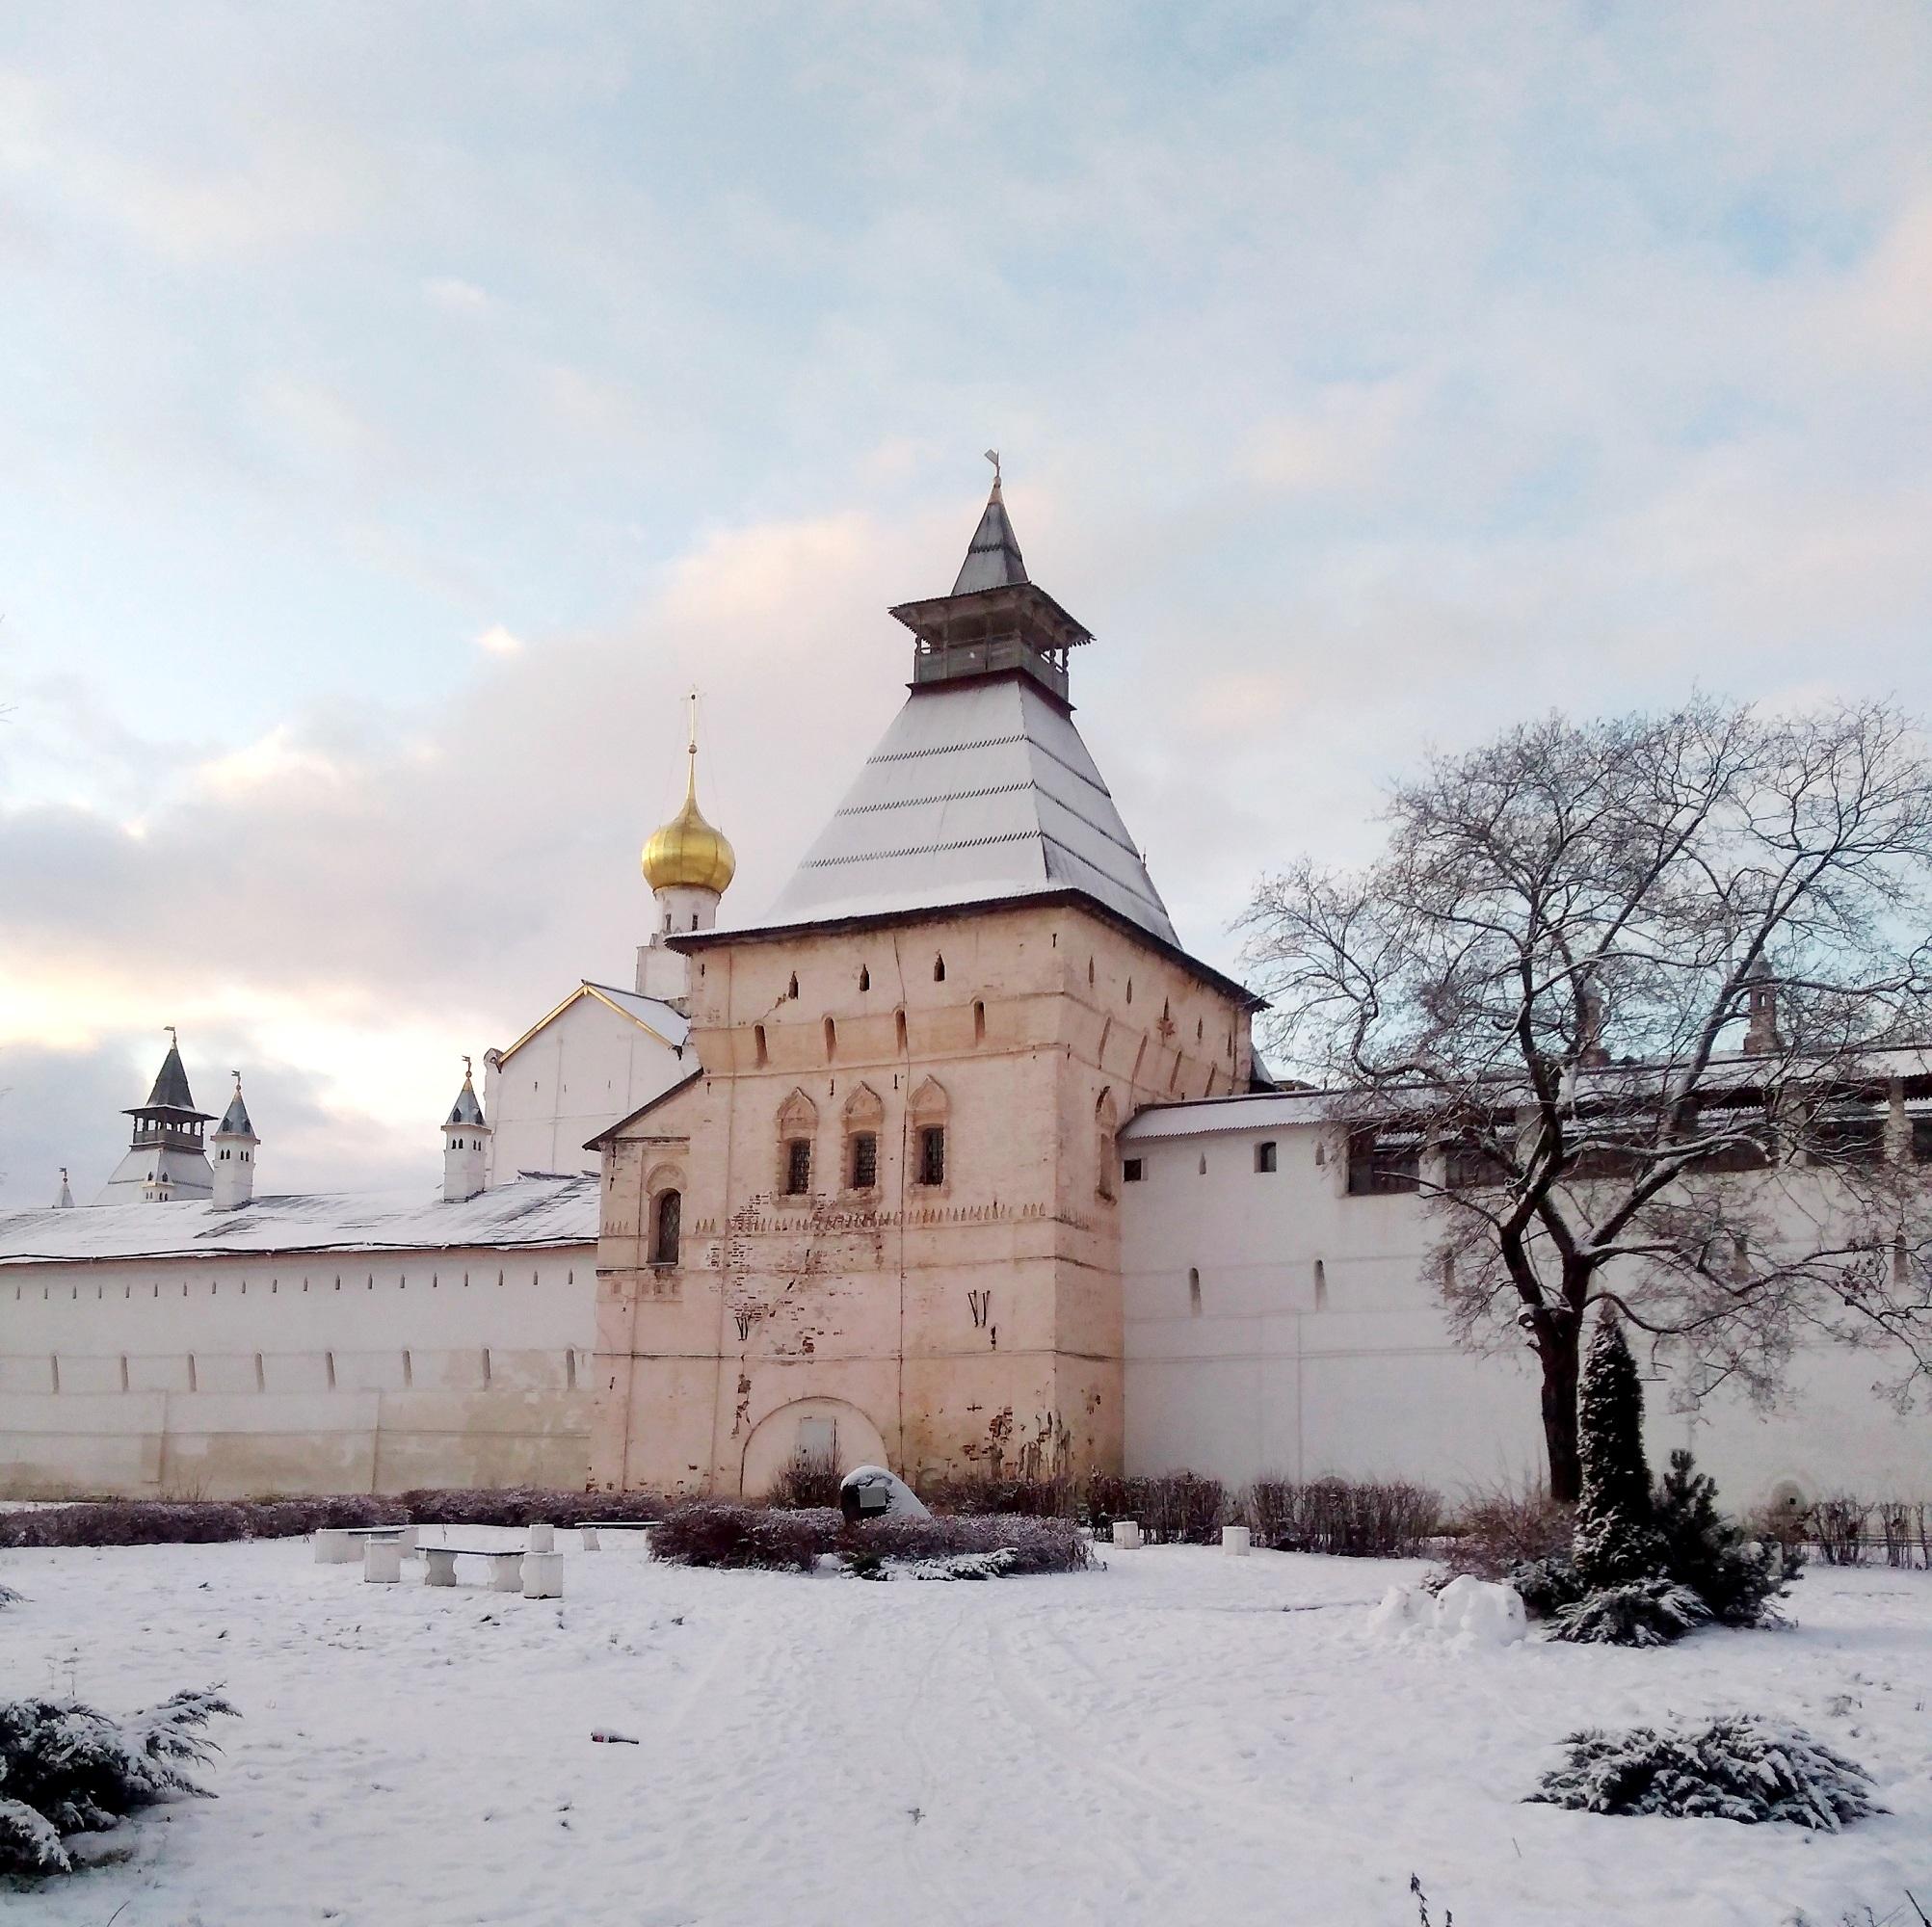 Куда отправятся москвичи на новогодние праздники? Может, в Ростов или Ярославль?